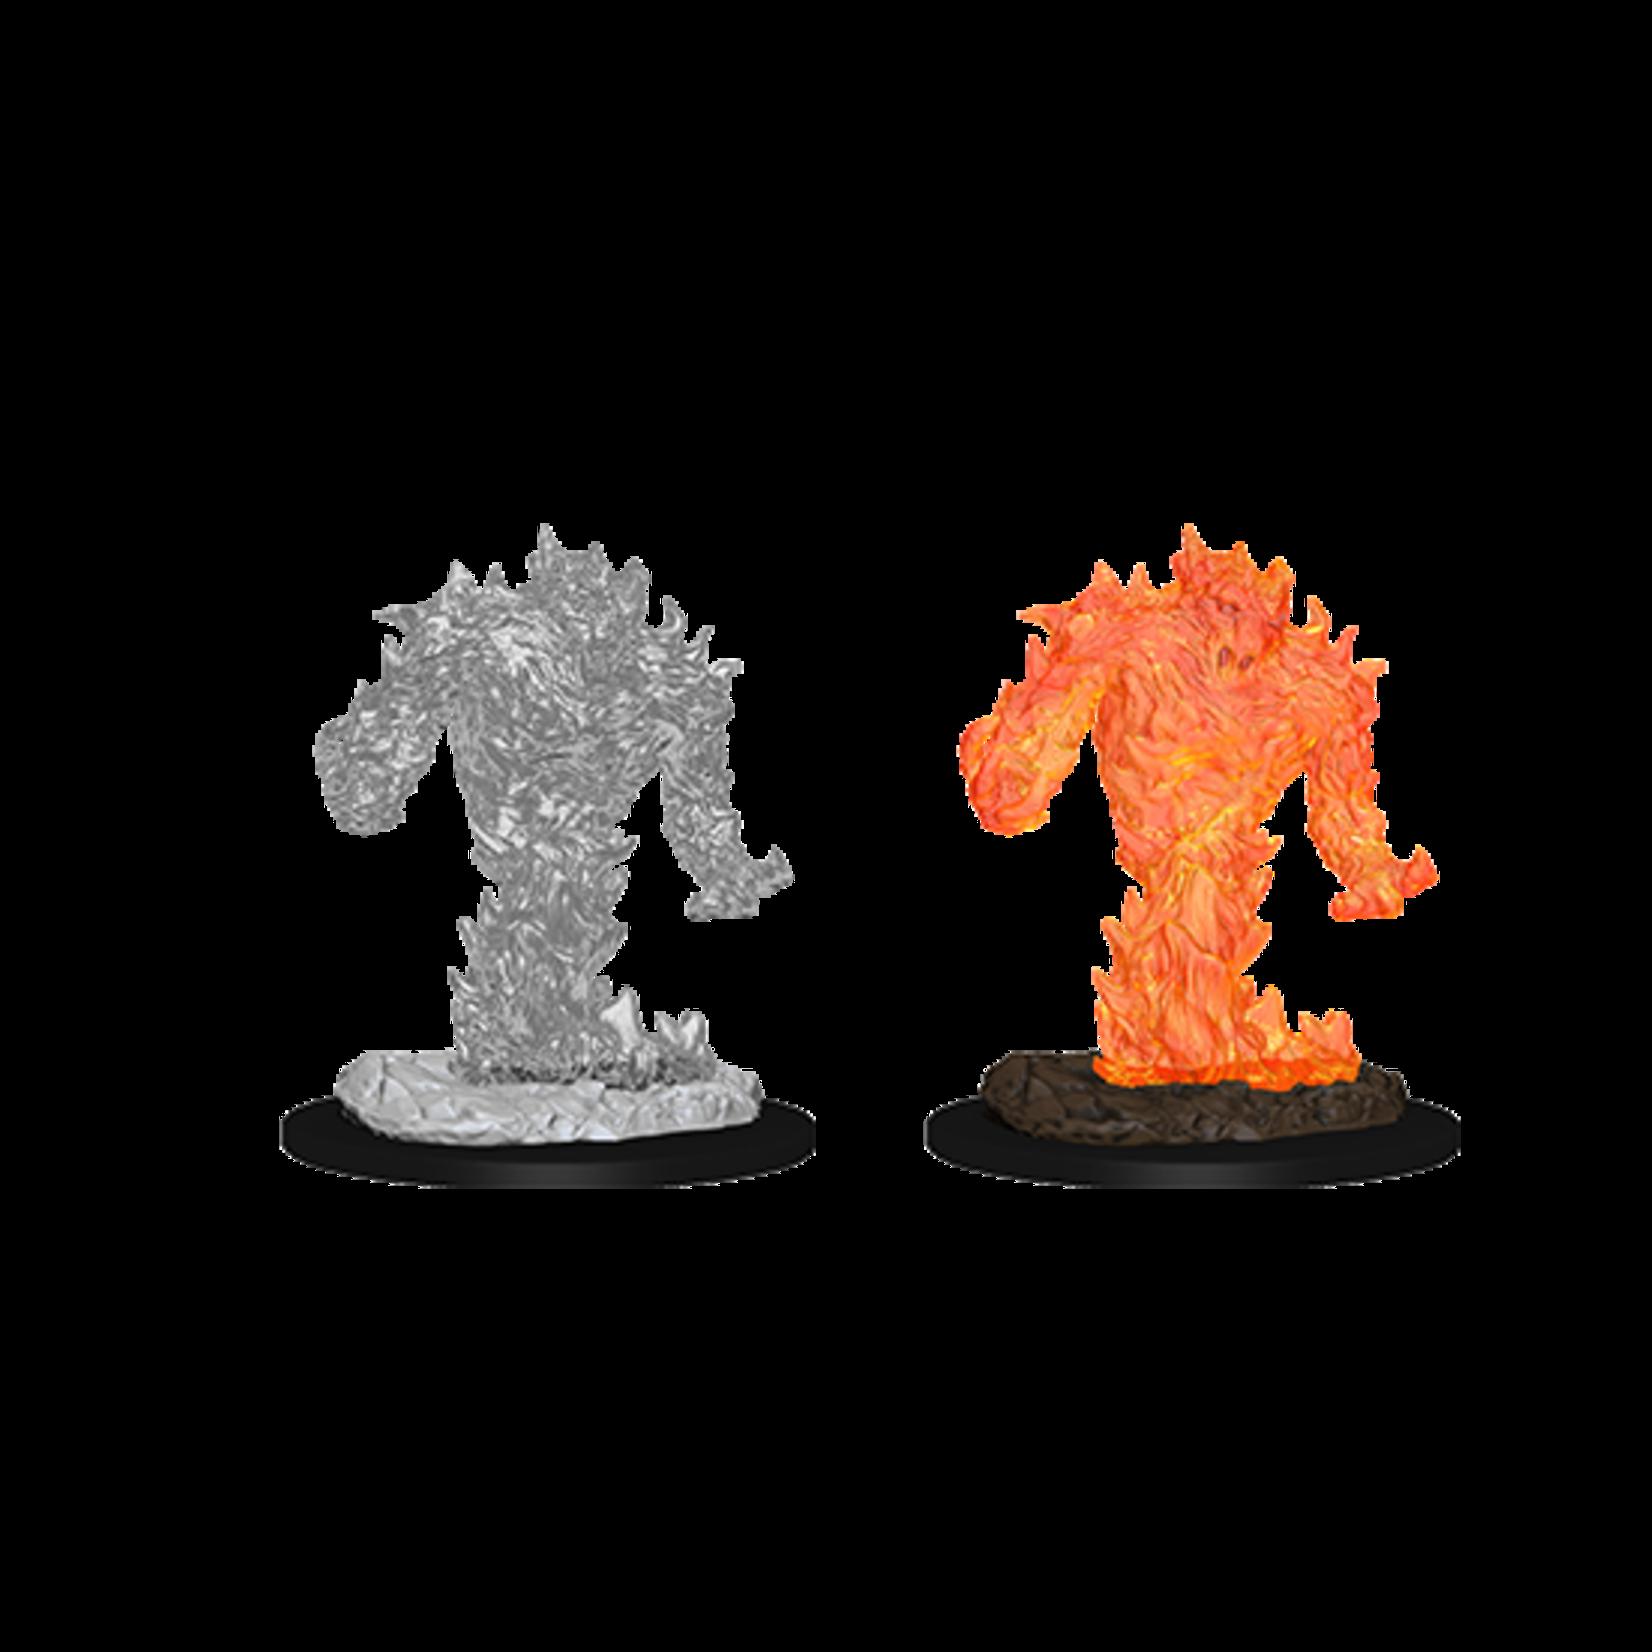 WizKids D&D Nolzur's Marvelous Miniatures: Fire Elemental (W10)